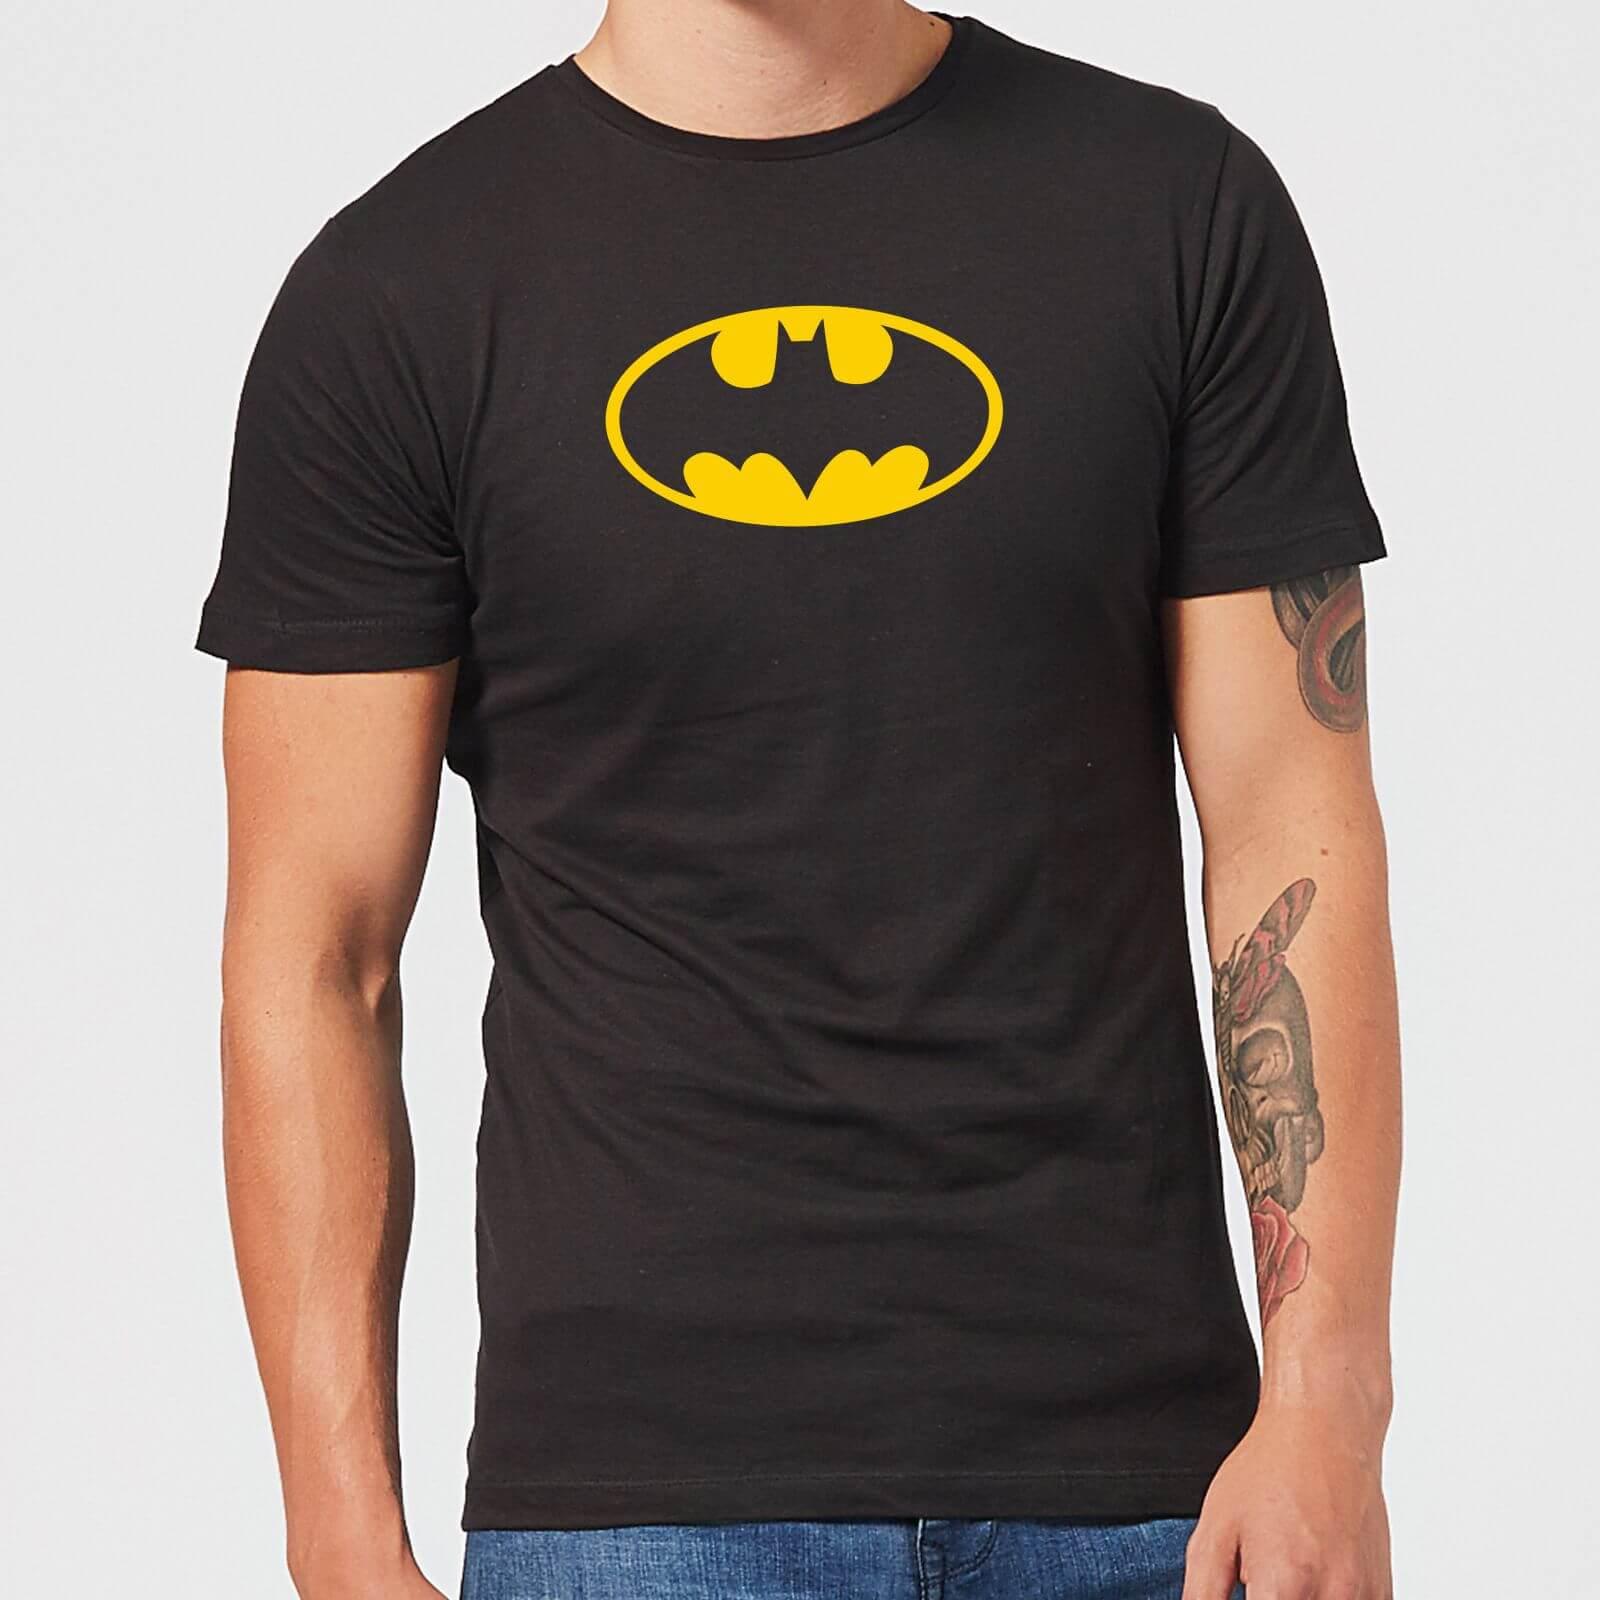 Justice League Batman Logo Men's T-Shirt - Black - S - Black